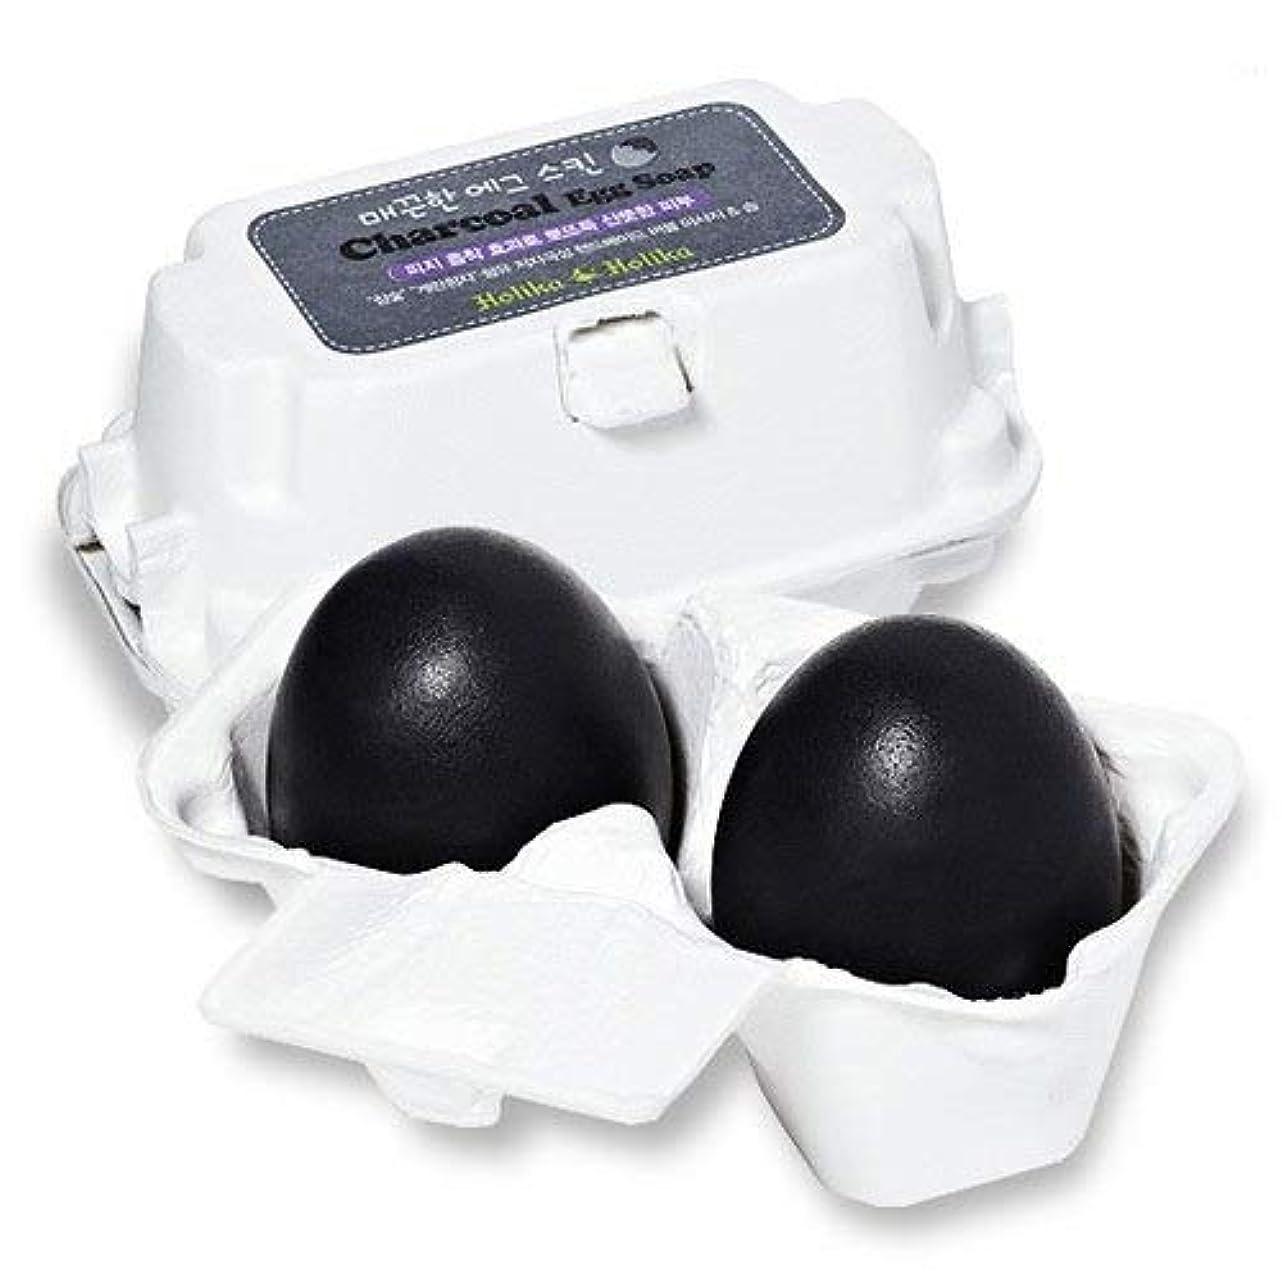 博覧会大理石事前[堅炭/Charcoal] Holika Holika Egg Skin Egg Soap ホリカホリカ エッグスキン エッグソープ (50g*2個) [並行輸入品]